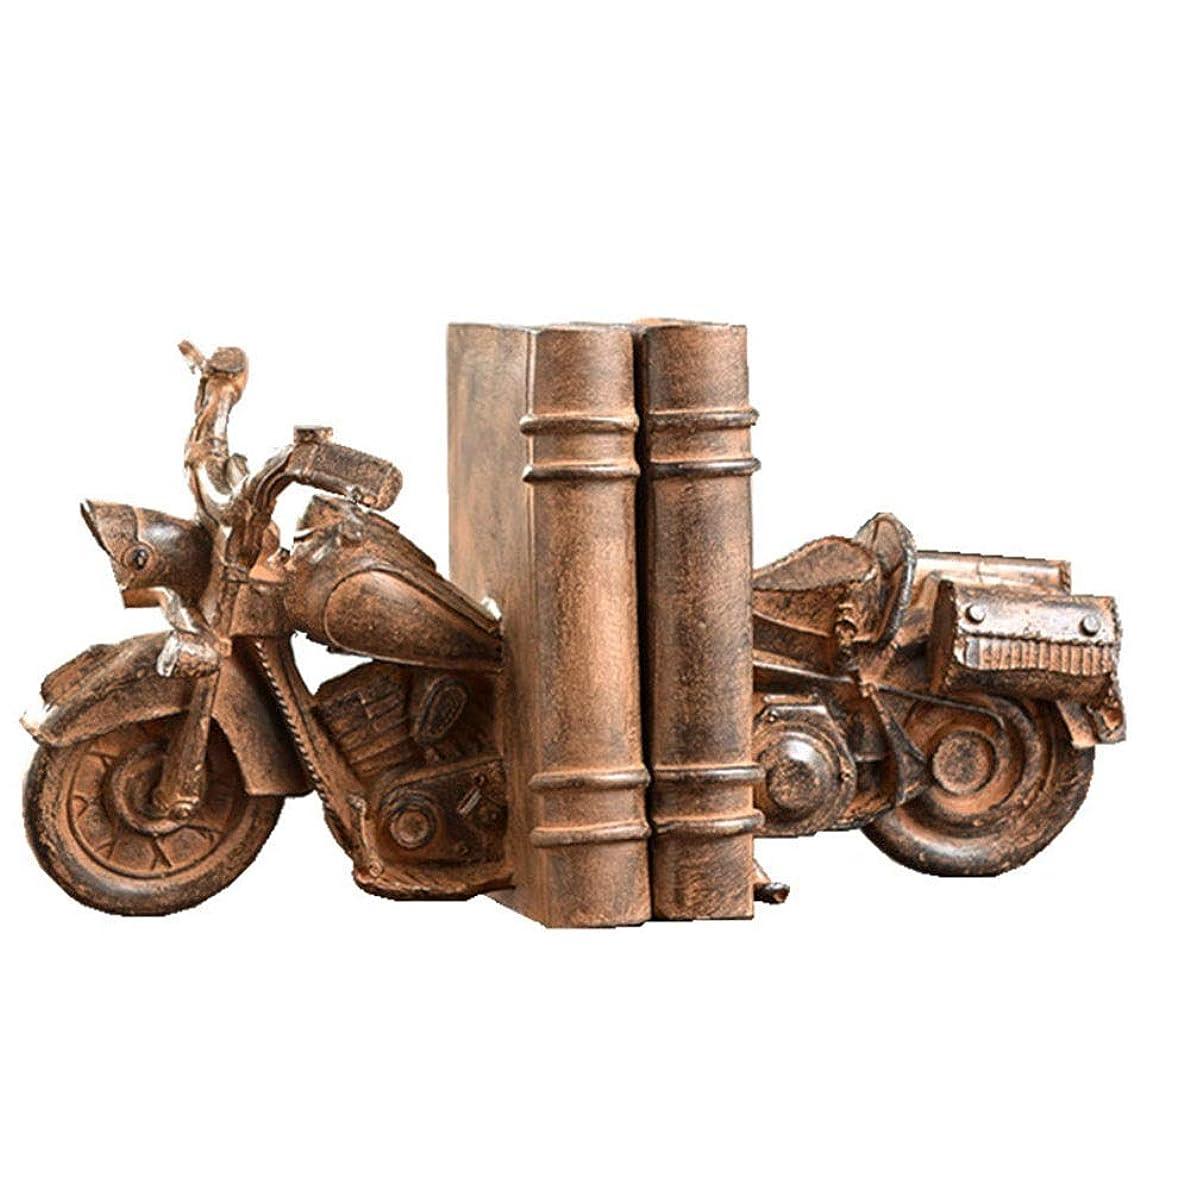 トムオードリース暴動債権者ブックエンド 本作品CDビデオ用1ペアレトロオートバイのインテリアアートブックエンドの彫像 棚のブックエンド (色 : Motorcycle, Size : 14.5x20x19.5cm)